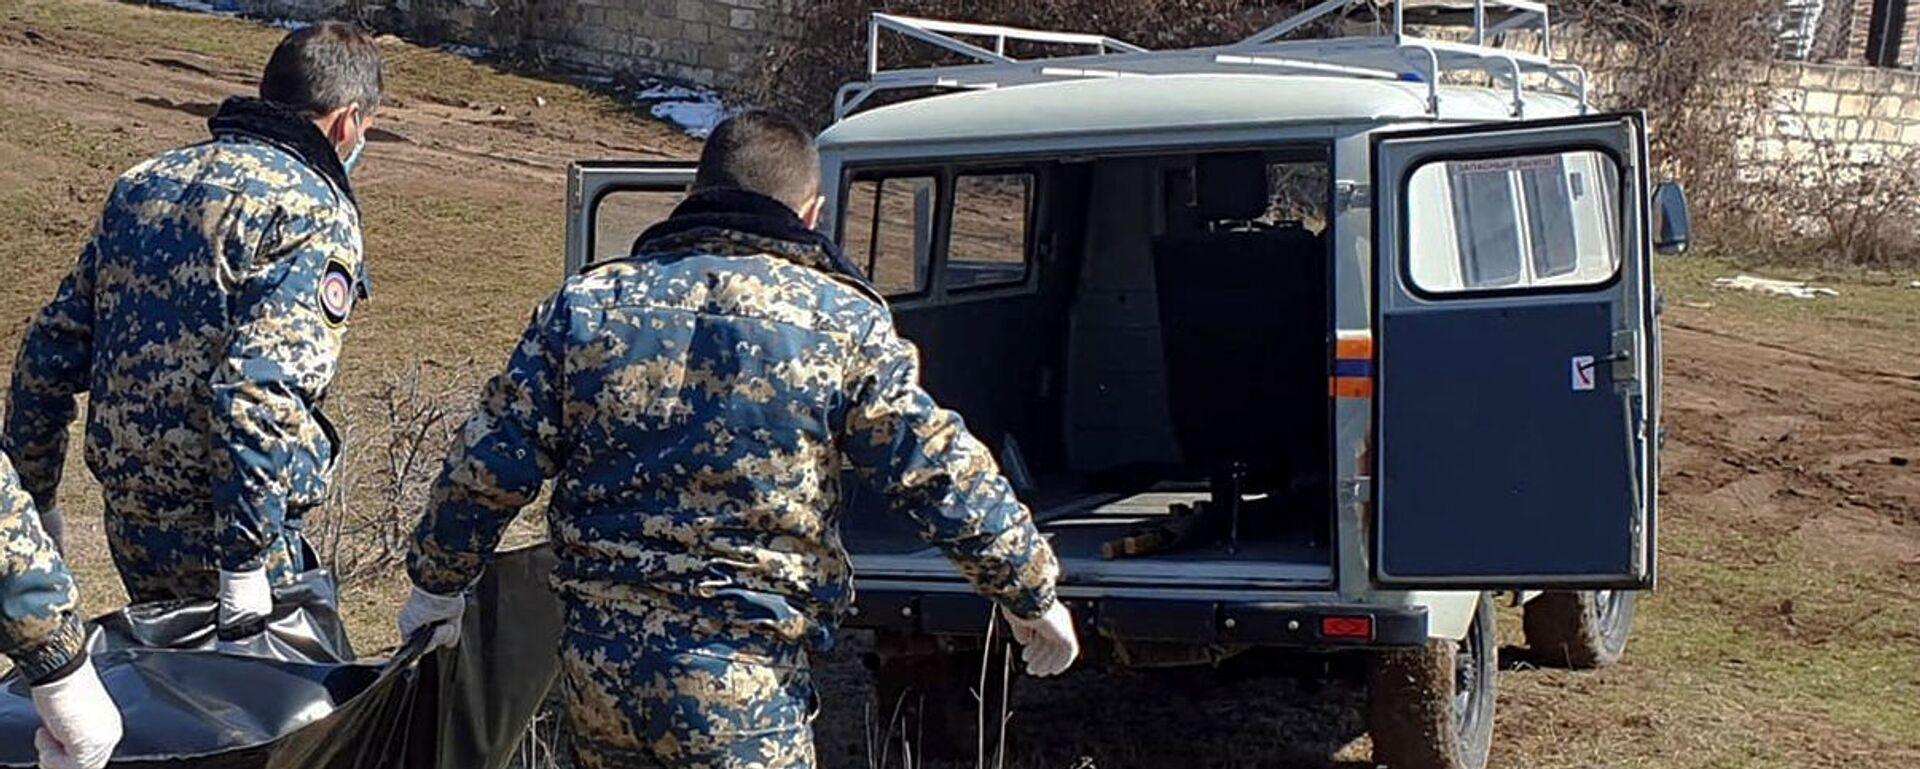 Сотрудники госслужбы по чрезвычайным ситуациям МВД Карабаха во время поисков тел погибших военнослужащих - Sputnik Արմենիա, 1920, 14.04.2021